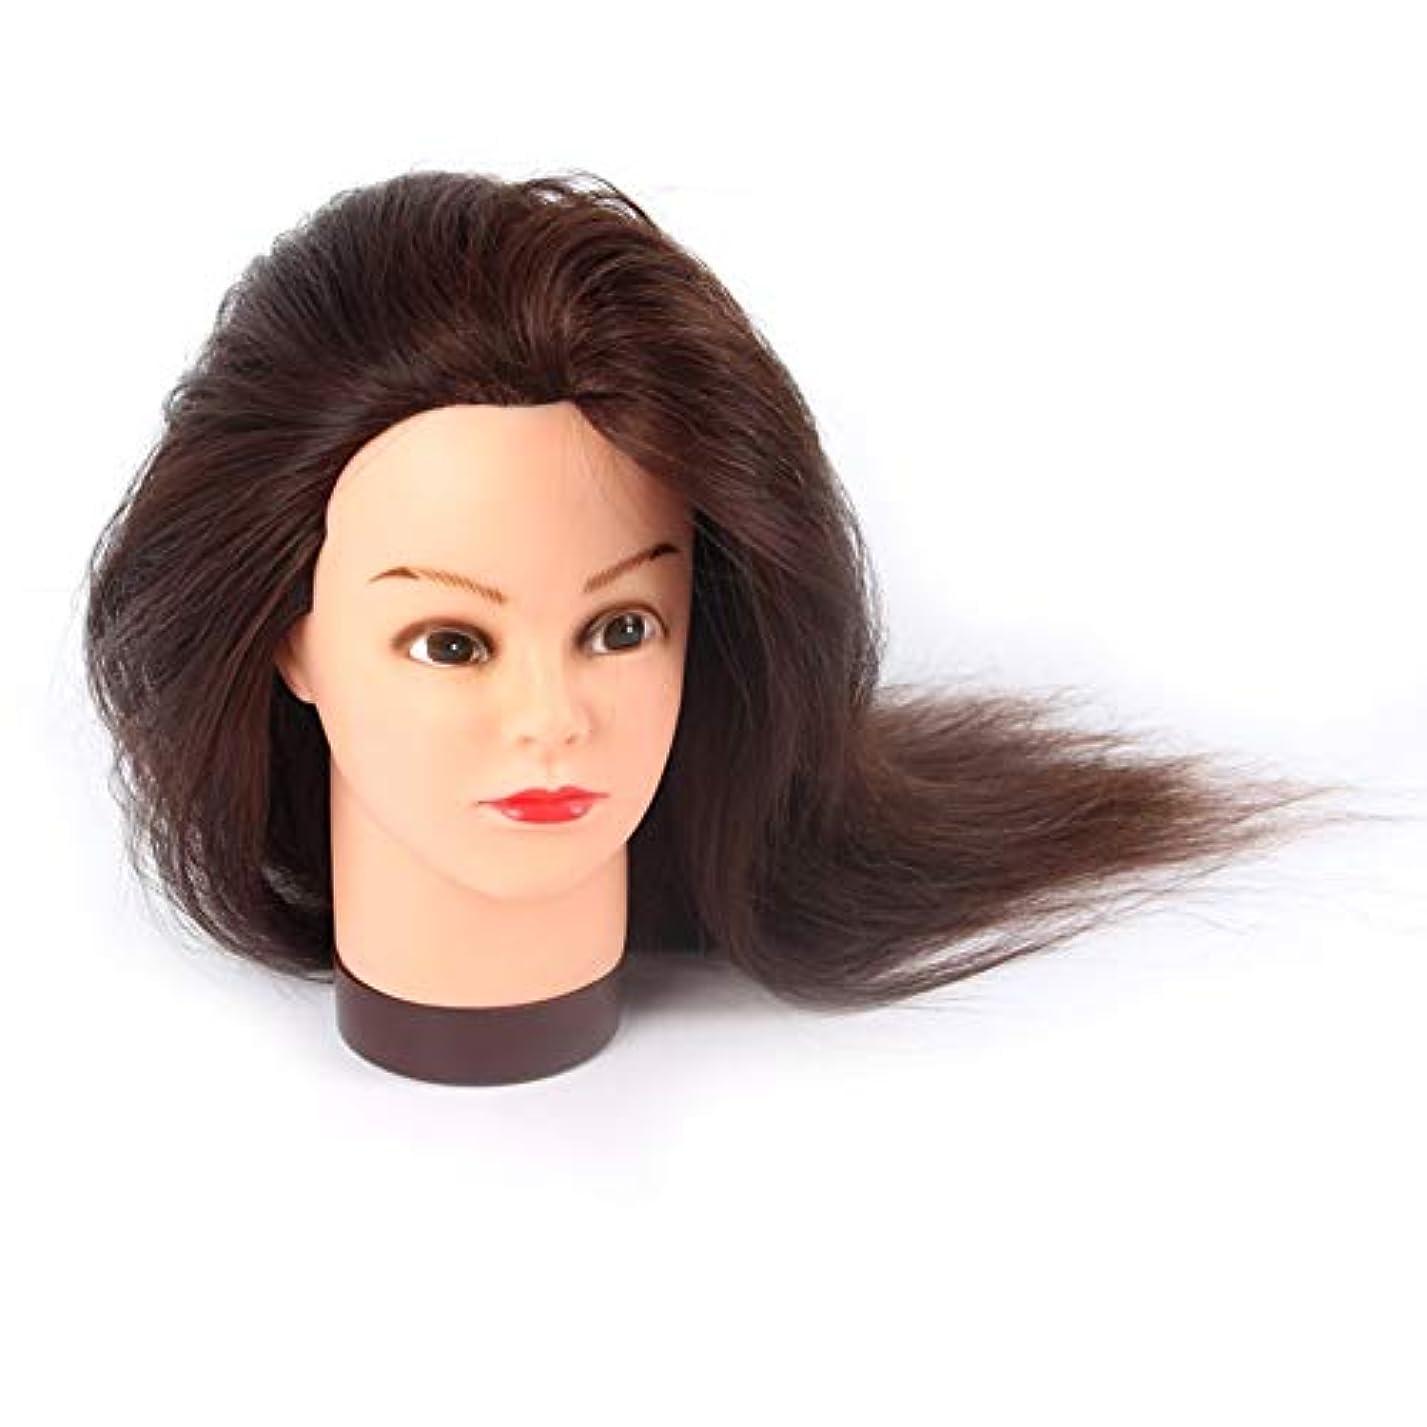 音増幅する流リアルヘア熱いロール指導ヘッド理髪店学習パーマ髪染めダミーヘッド花嫁メイクモデリングマネキンヘッド